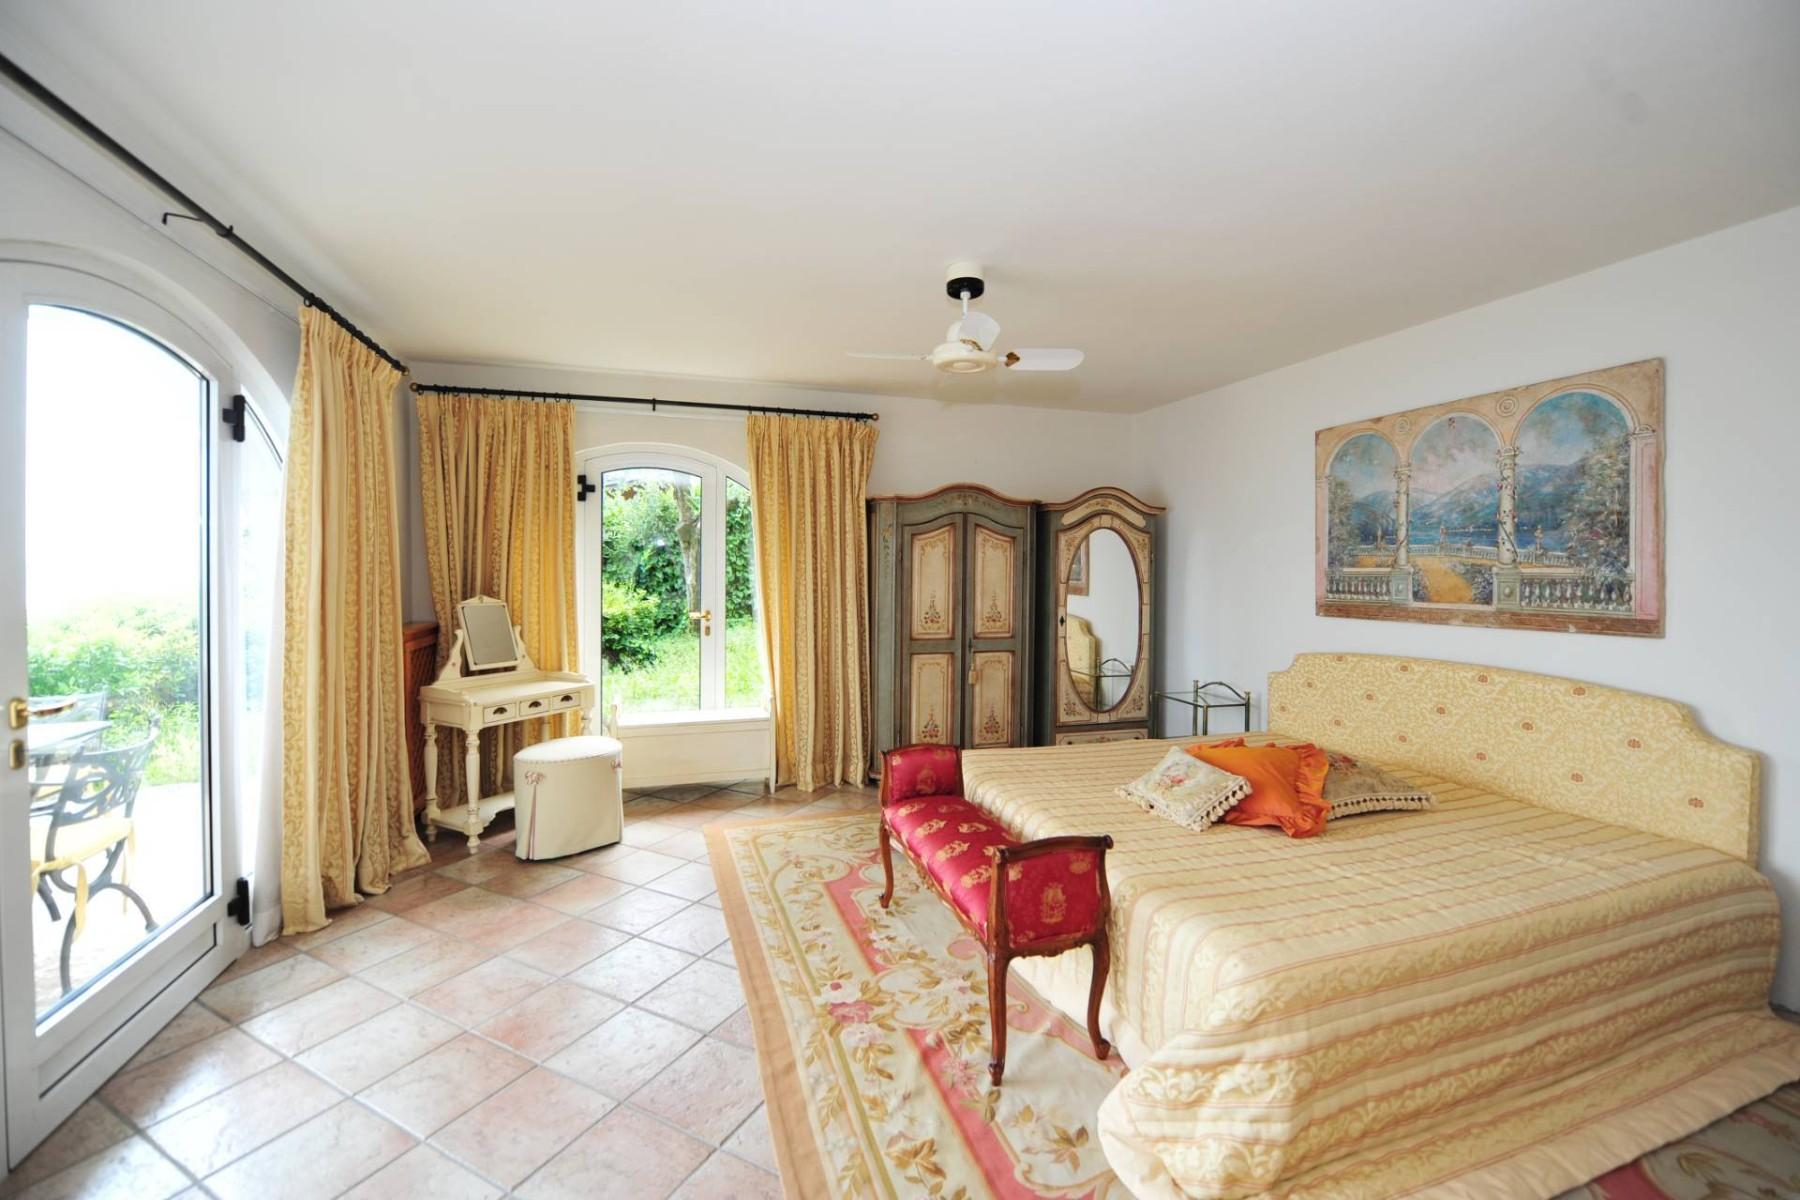 Villa in Vendita a Gargnano: 5 locali, 350 mq - Foto 22